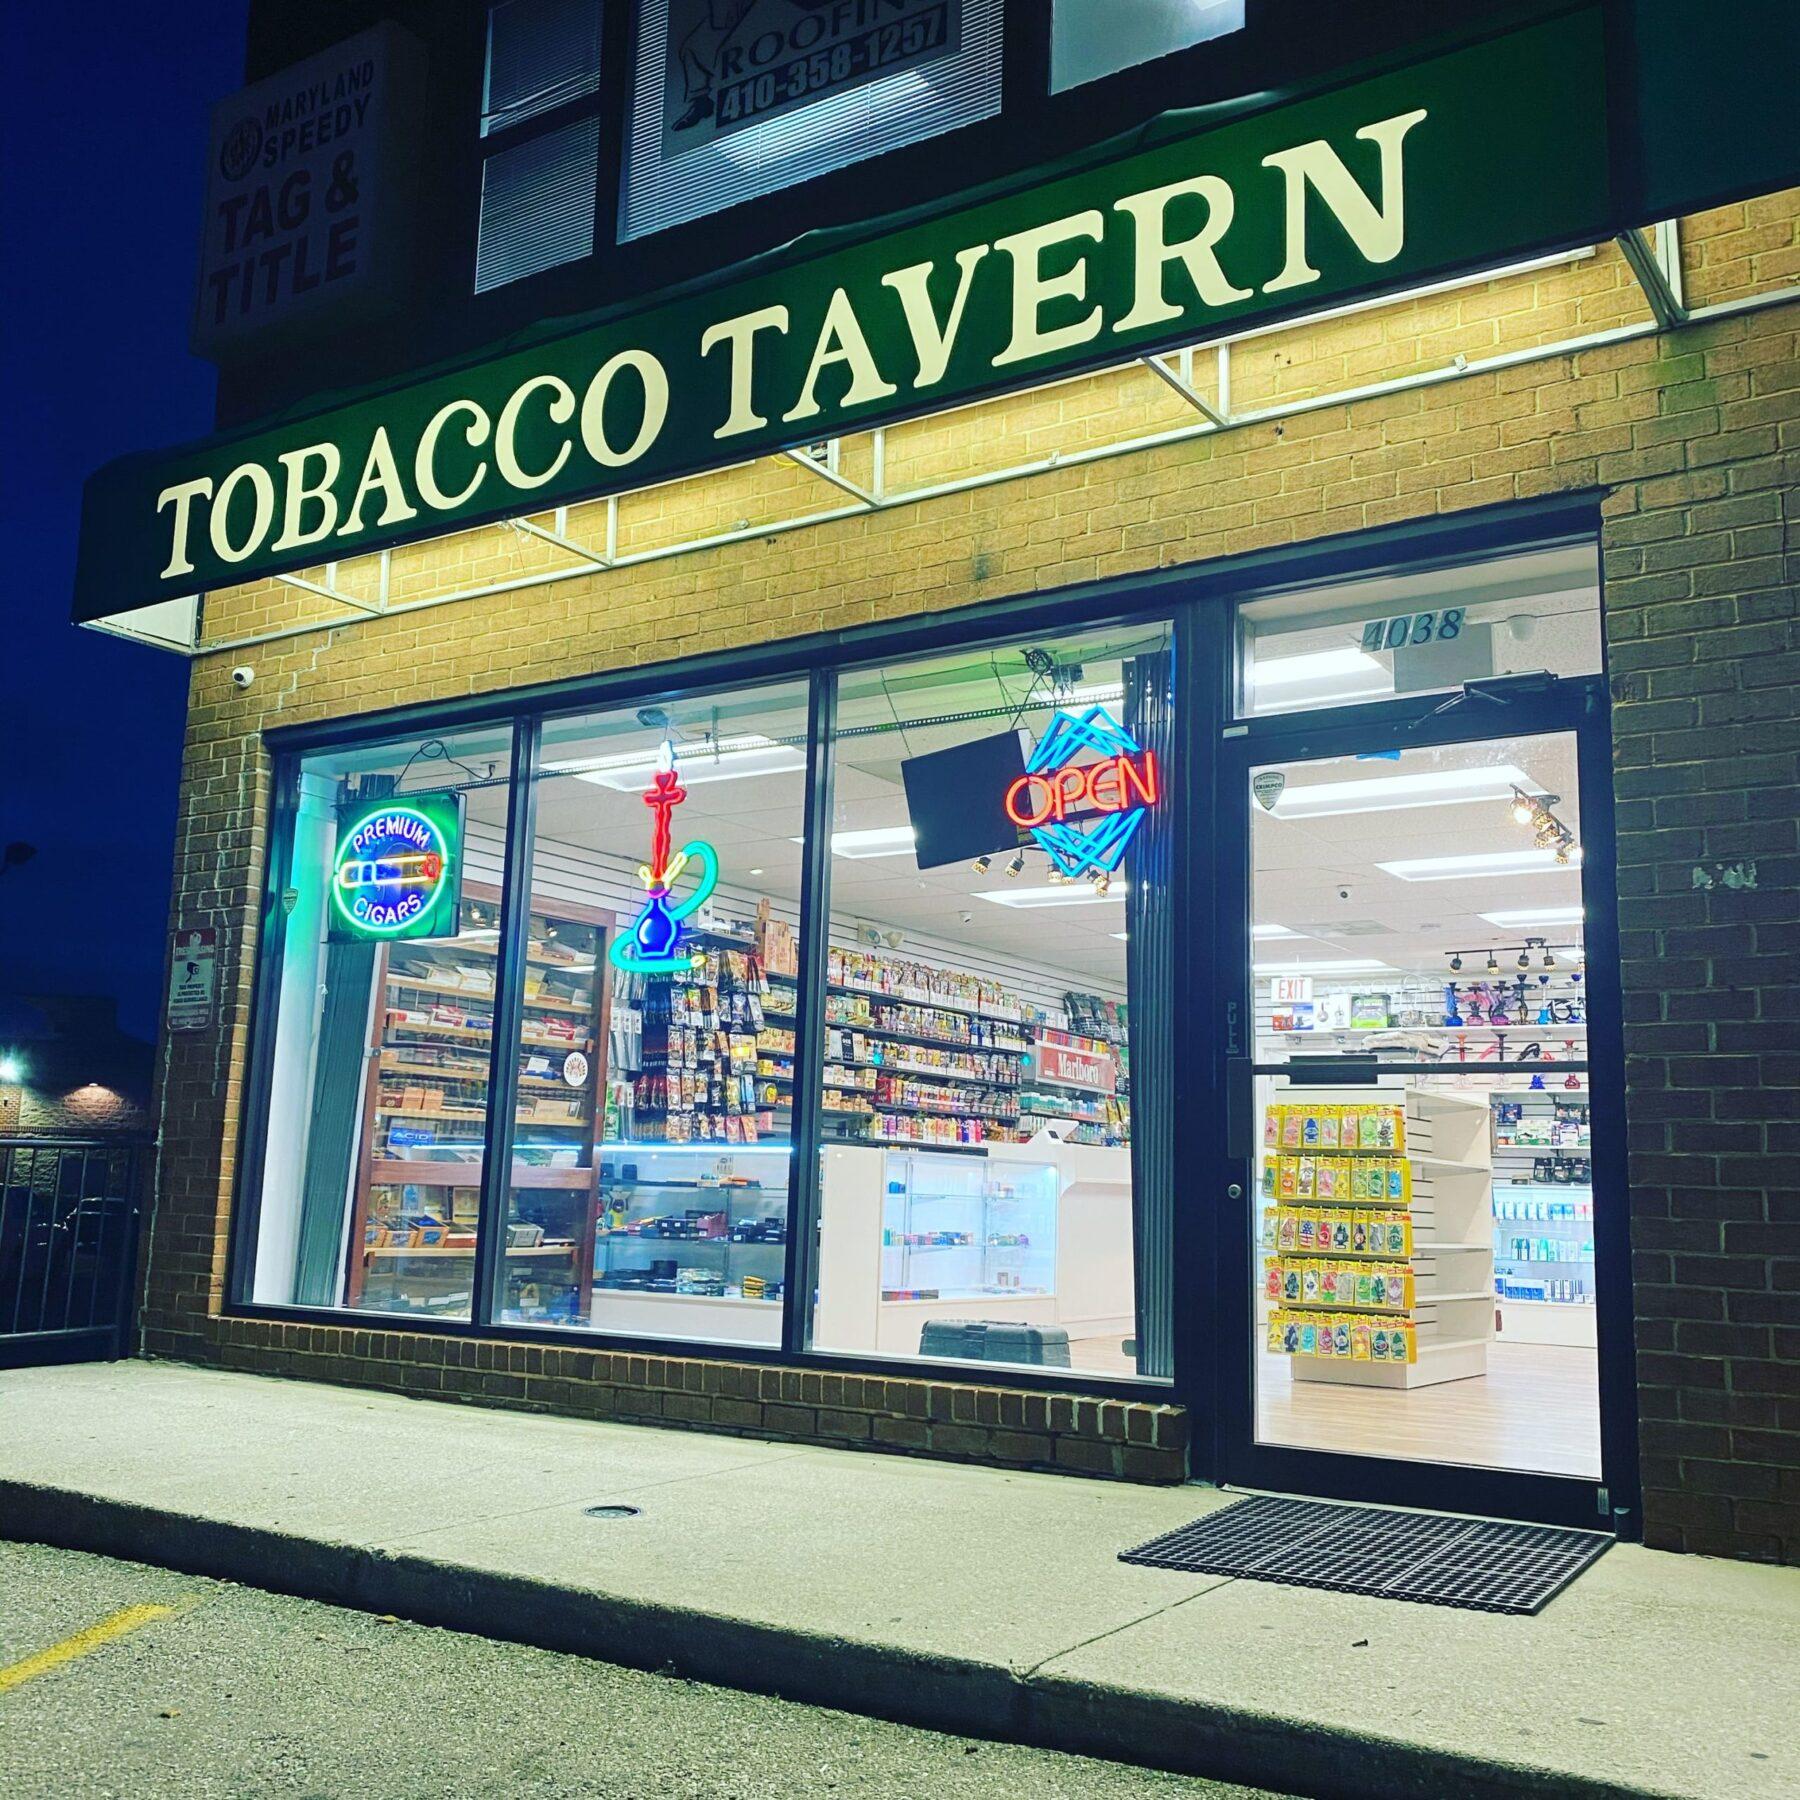 Baltimore Smoke Shops